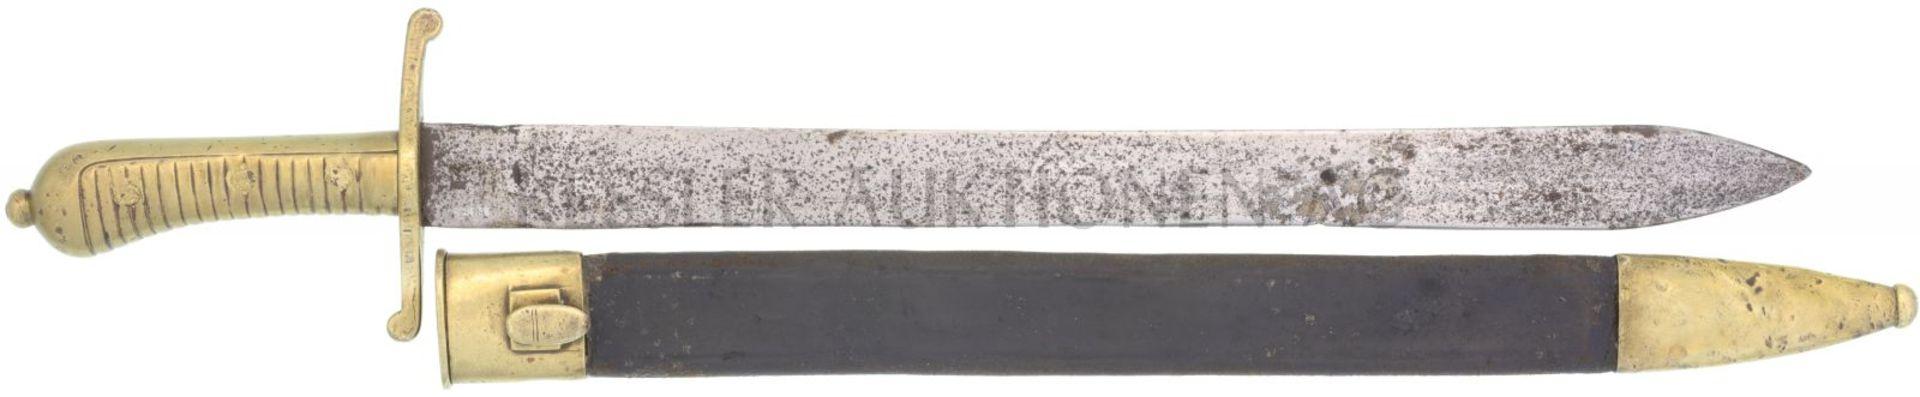 Faschinenmesser bayrisch, Mod. 1830, Infanterie KL 455mm, TL 585mm, volle Rückenklinge, auf dem